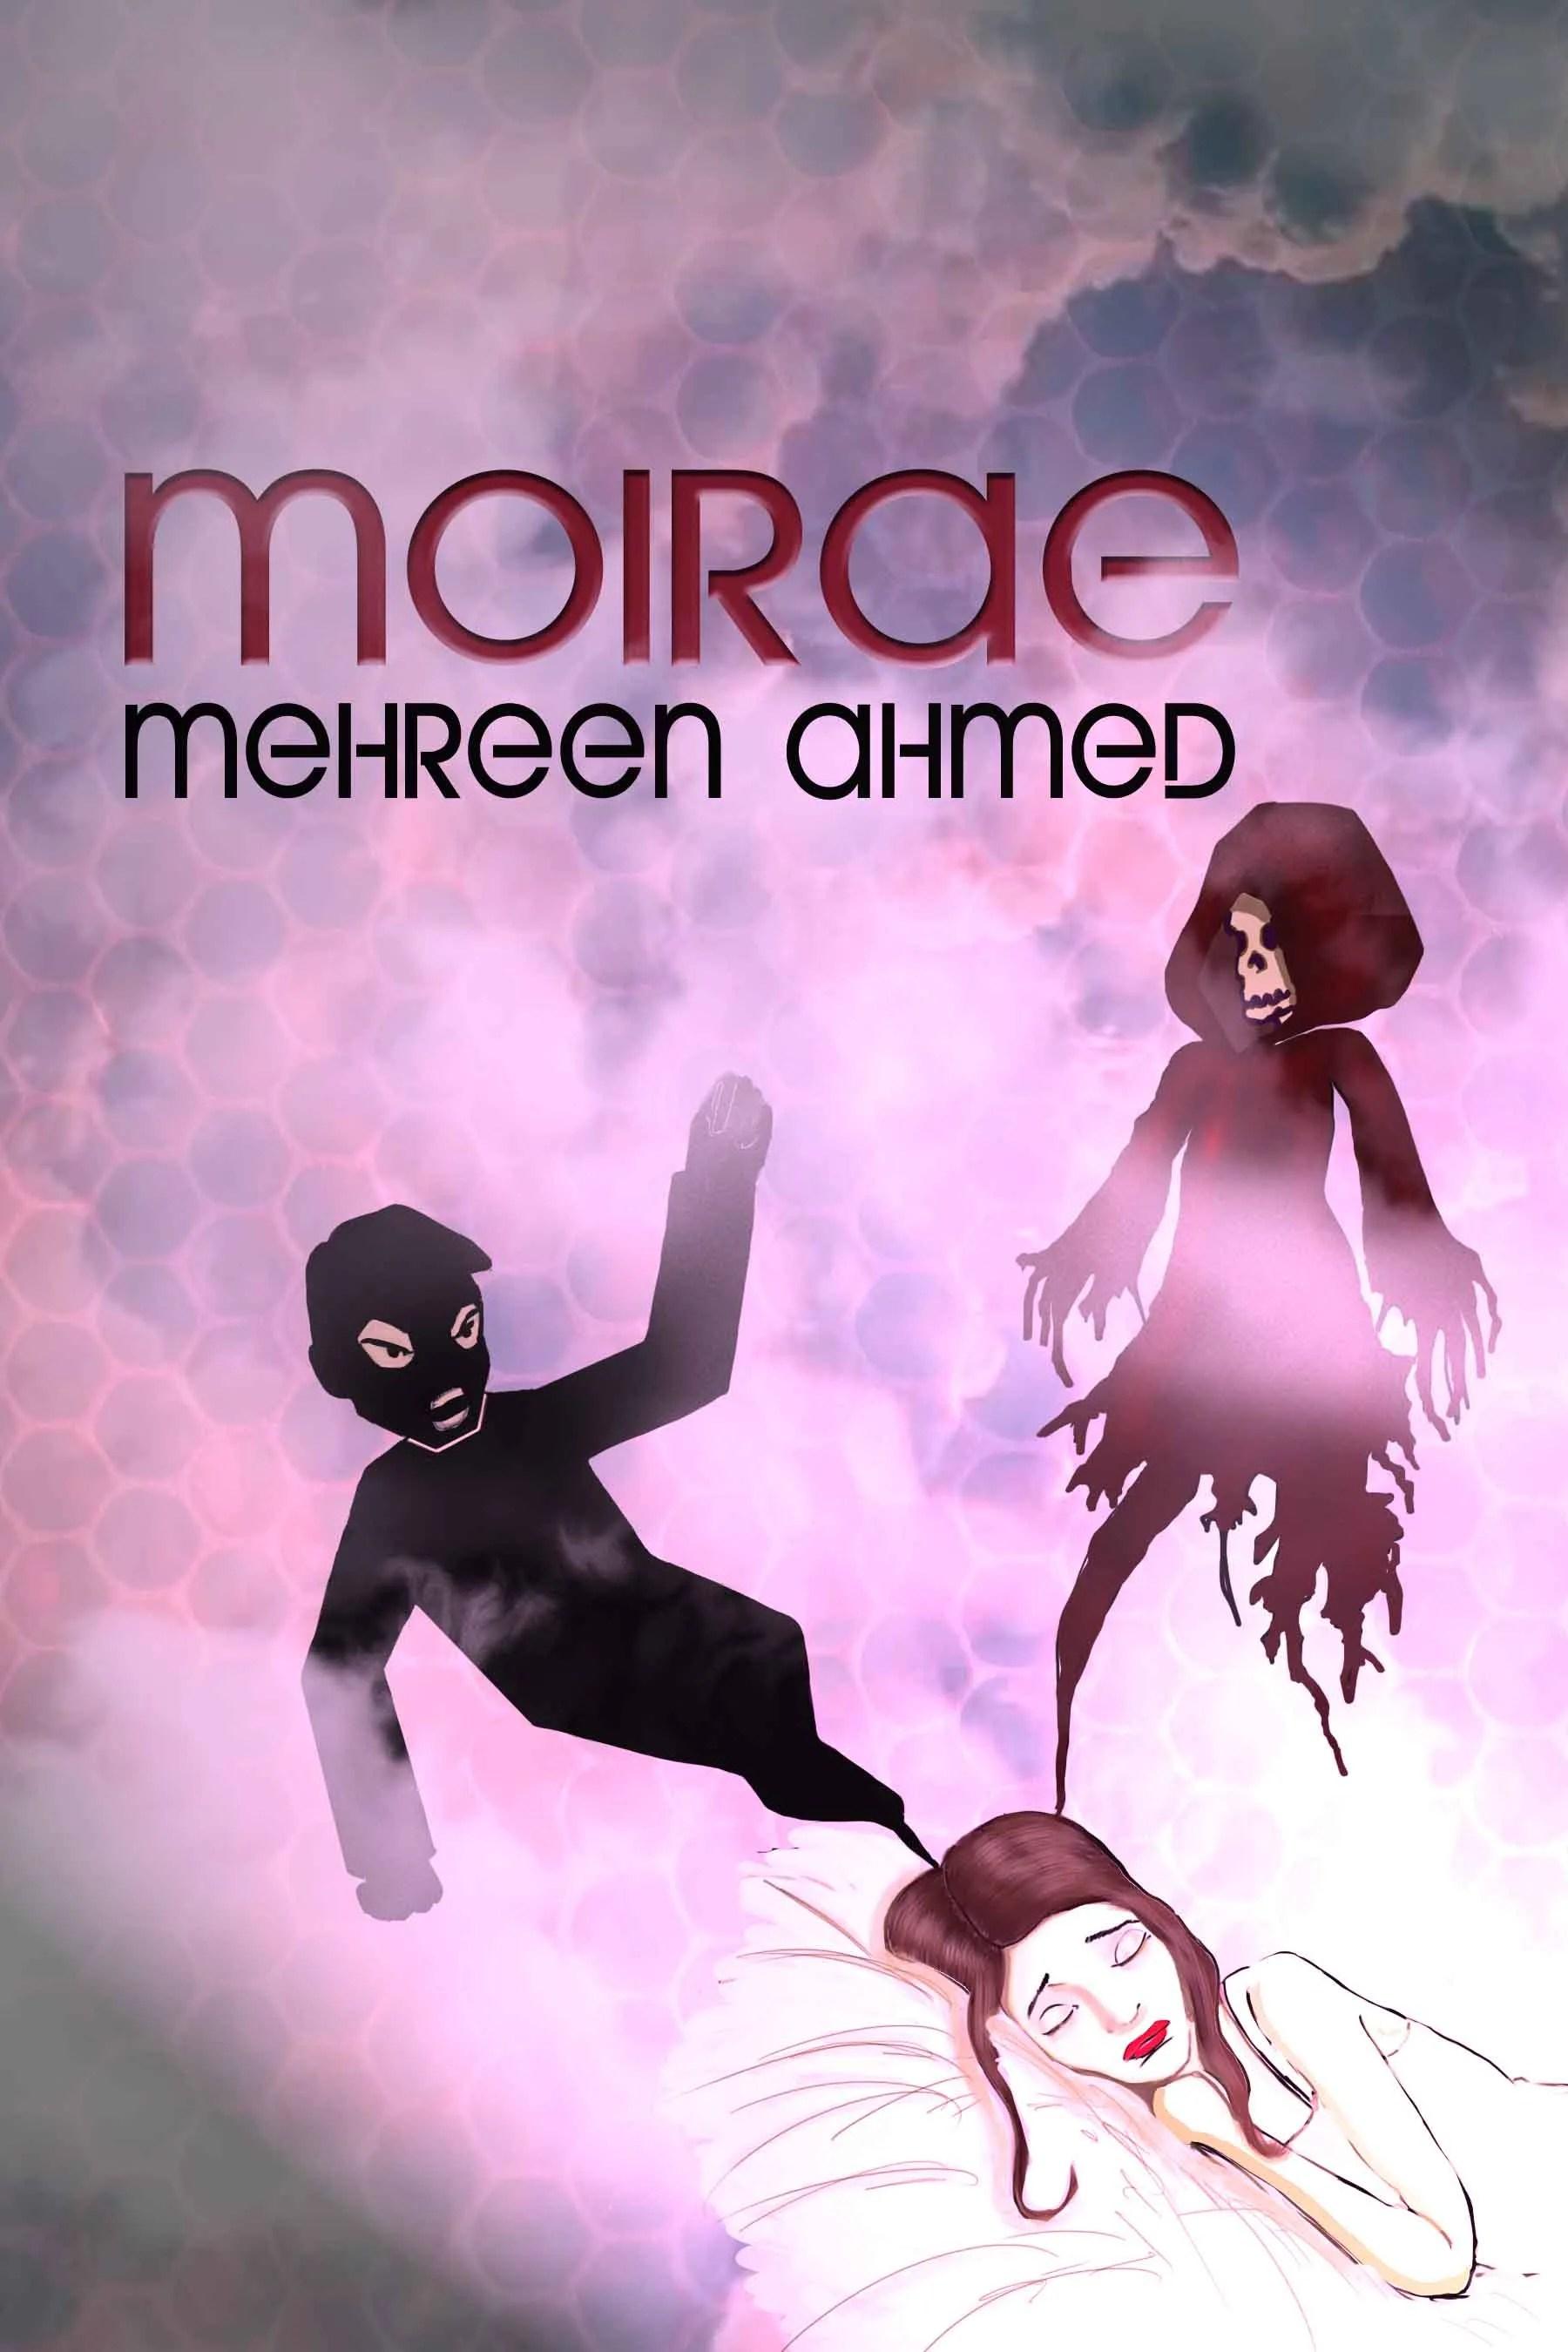 Moirae